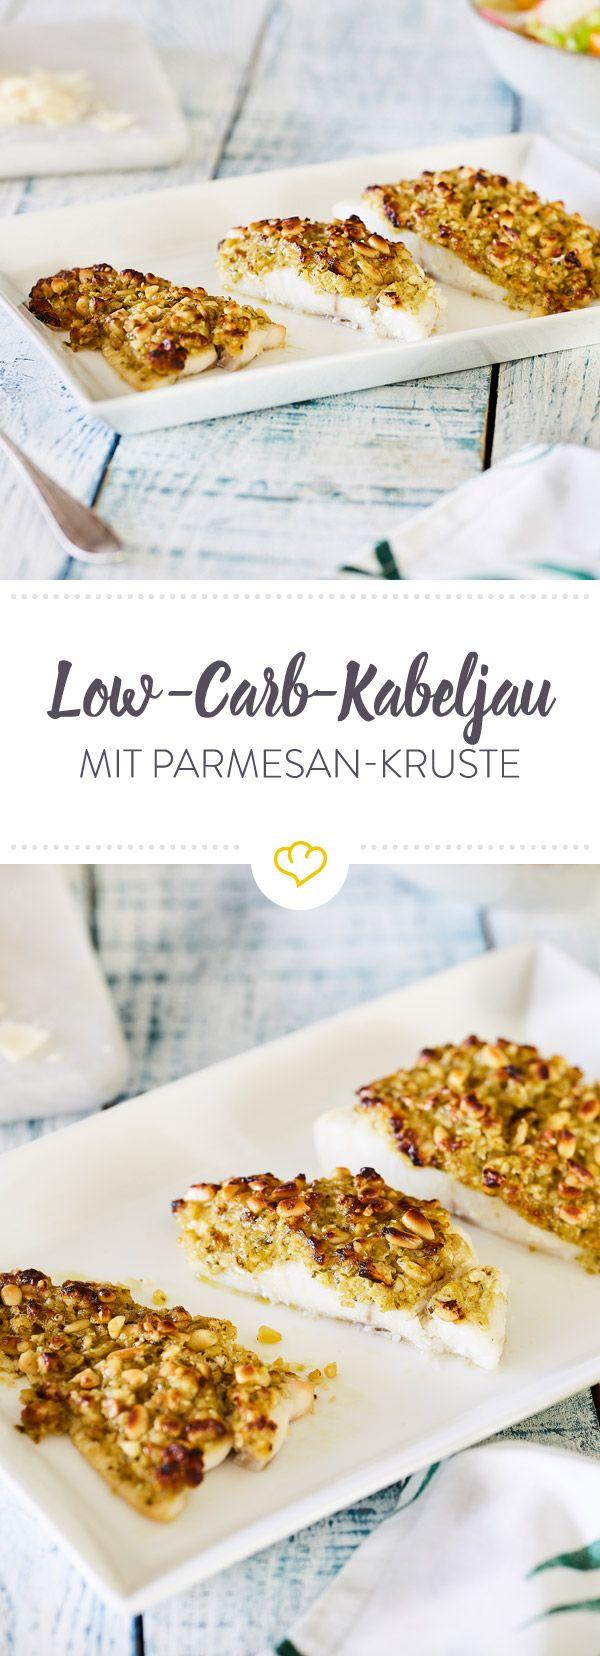 Deine Kruste braucht keine Semmelbrösel! Du überbackst dein Kabeljaufilet Low Carb: mit Pinienkernen, Pesto und Parmesan.